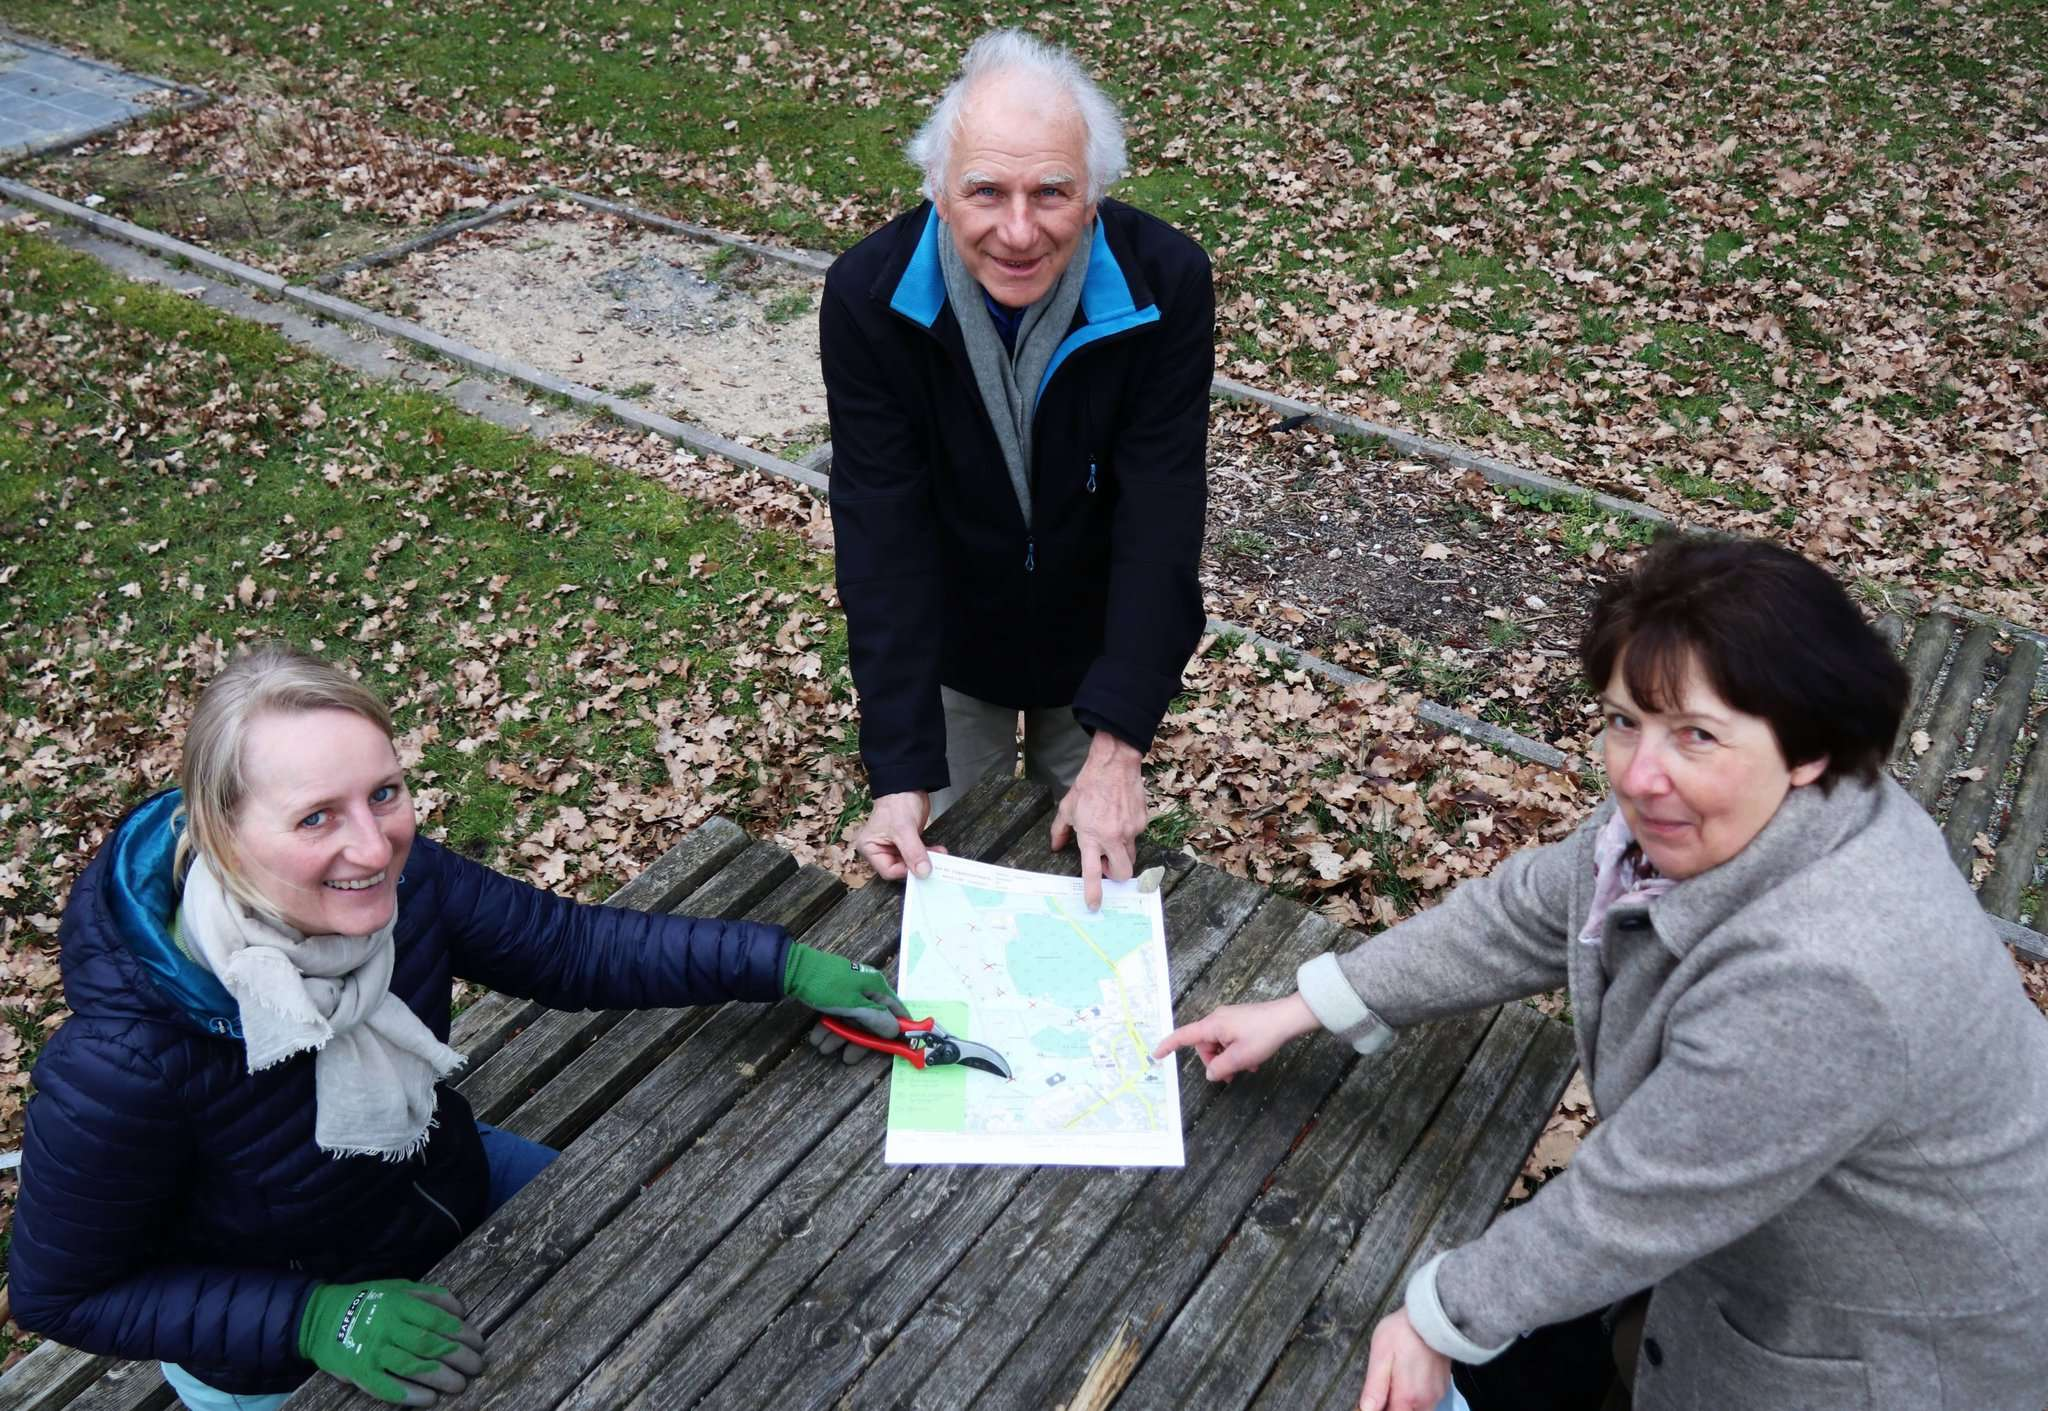 Iris Weis (von links), Harald Gabriel und Susanne Rohr freuen sich auf die Umsetzung des Plans für den